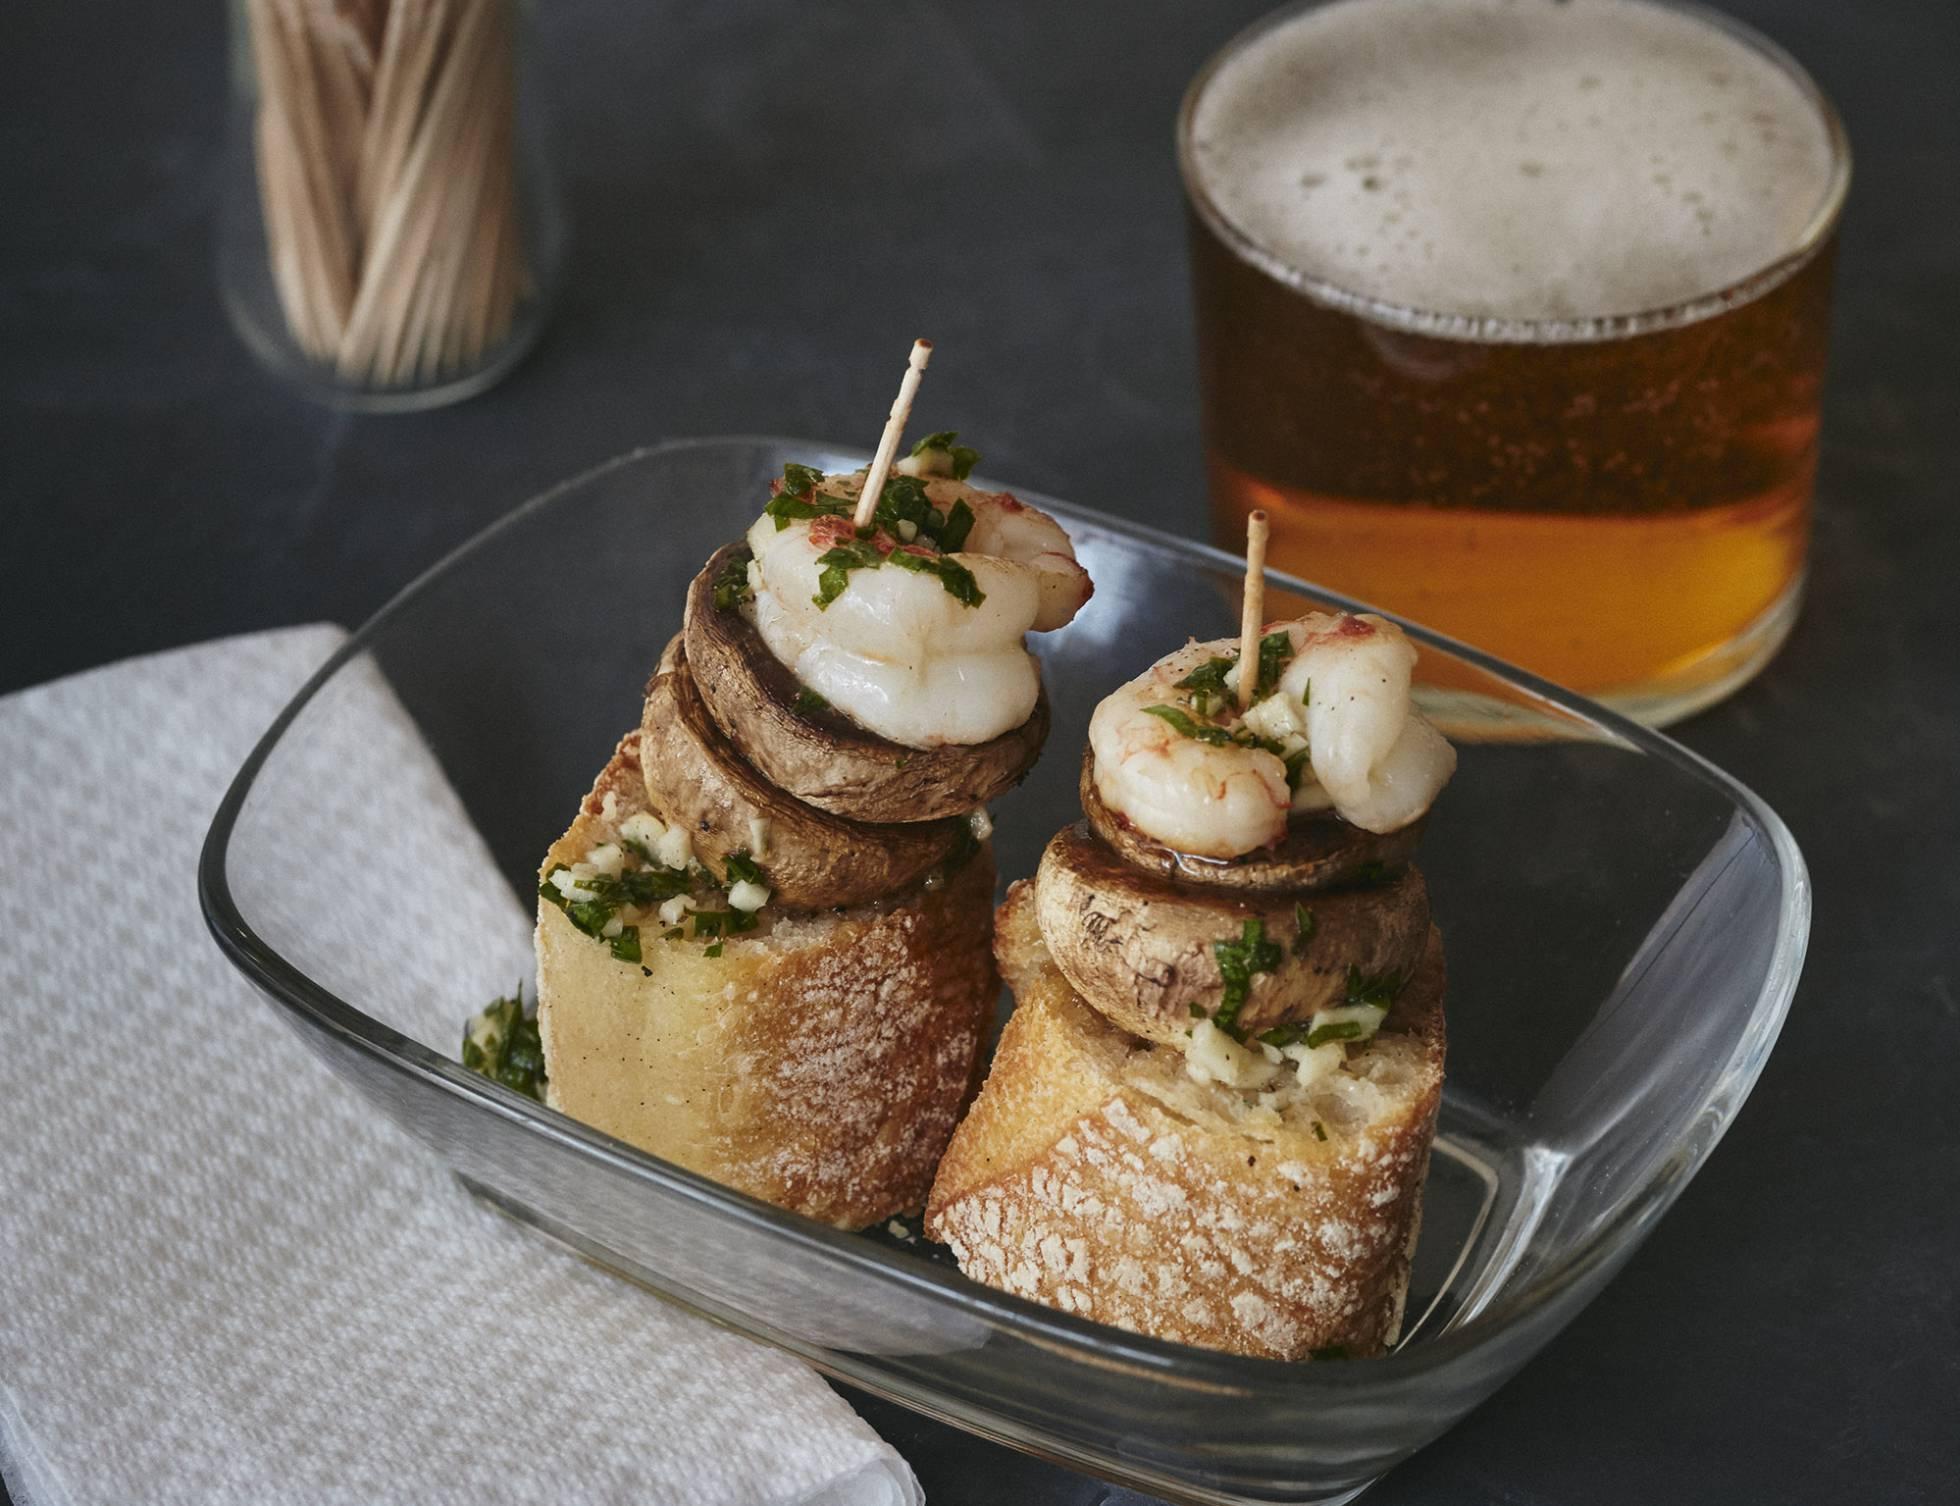 Готовим испанскую закуску пинчос с шампиньонами и креветками